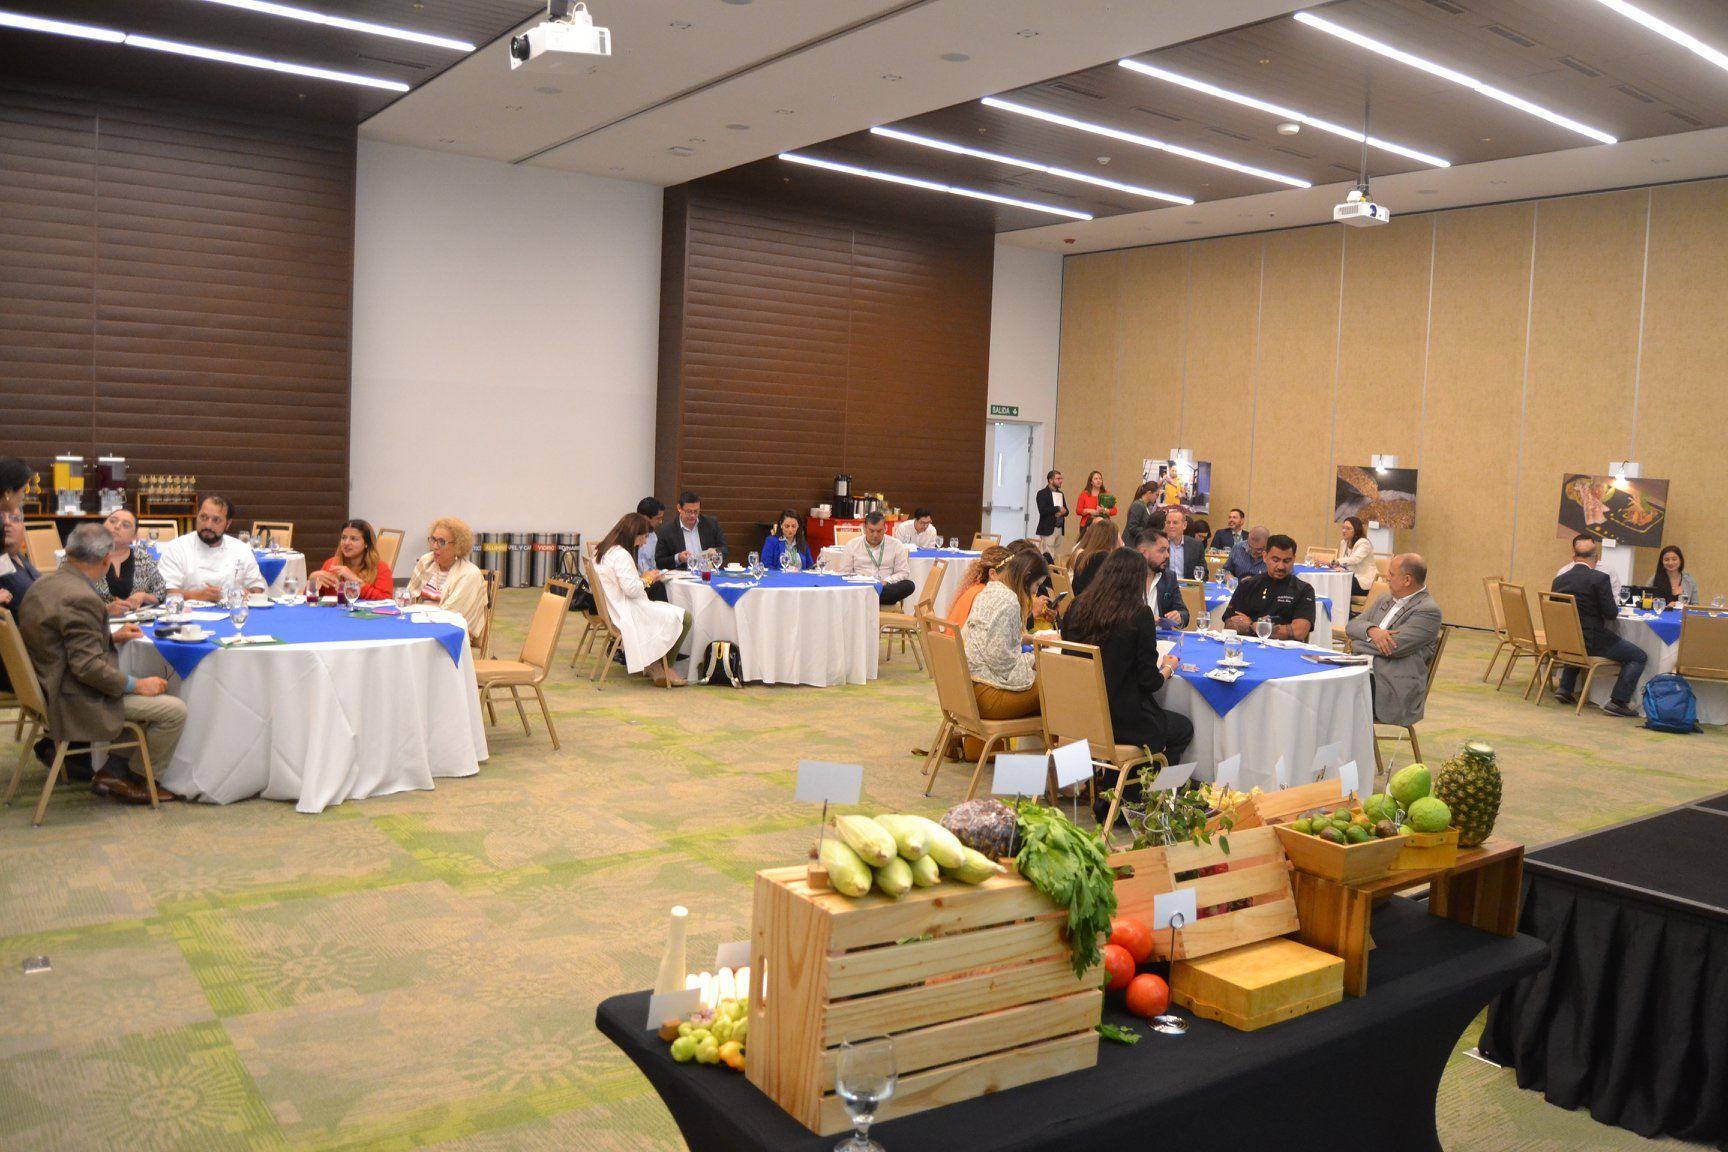 Centro de Convenciones de Costa Rica 4